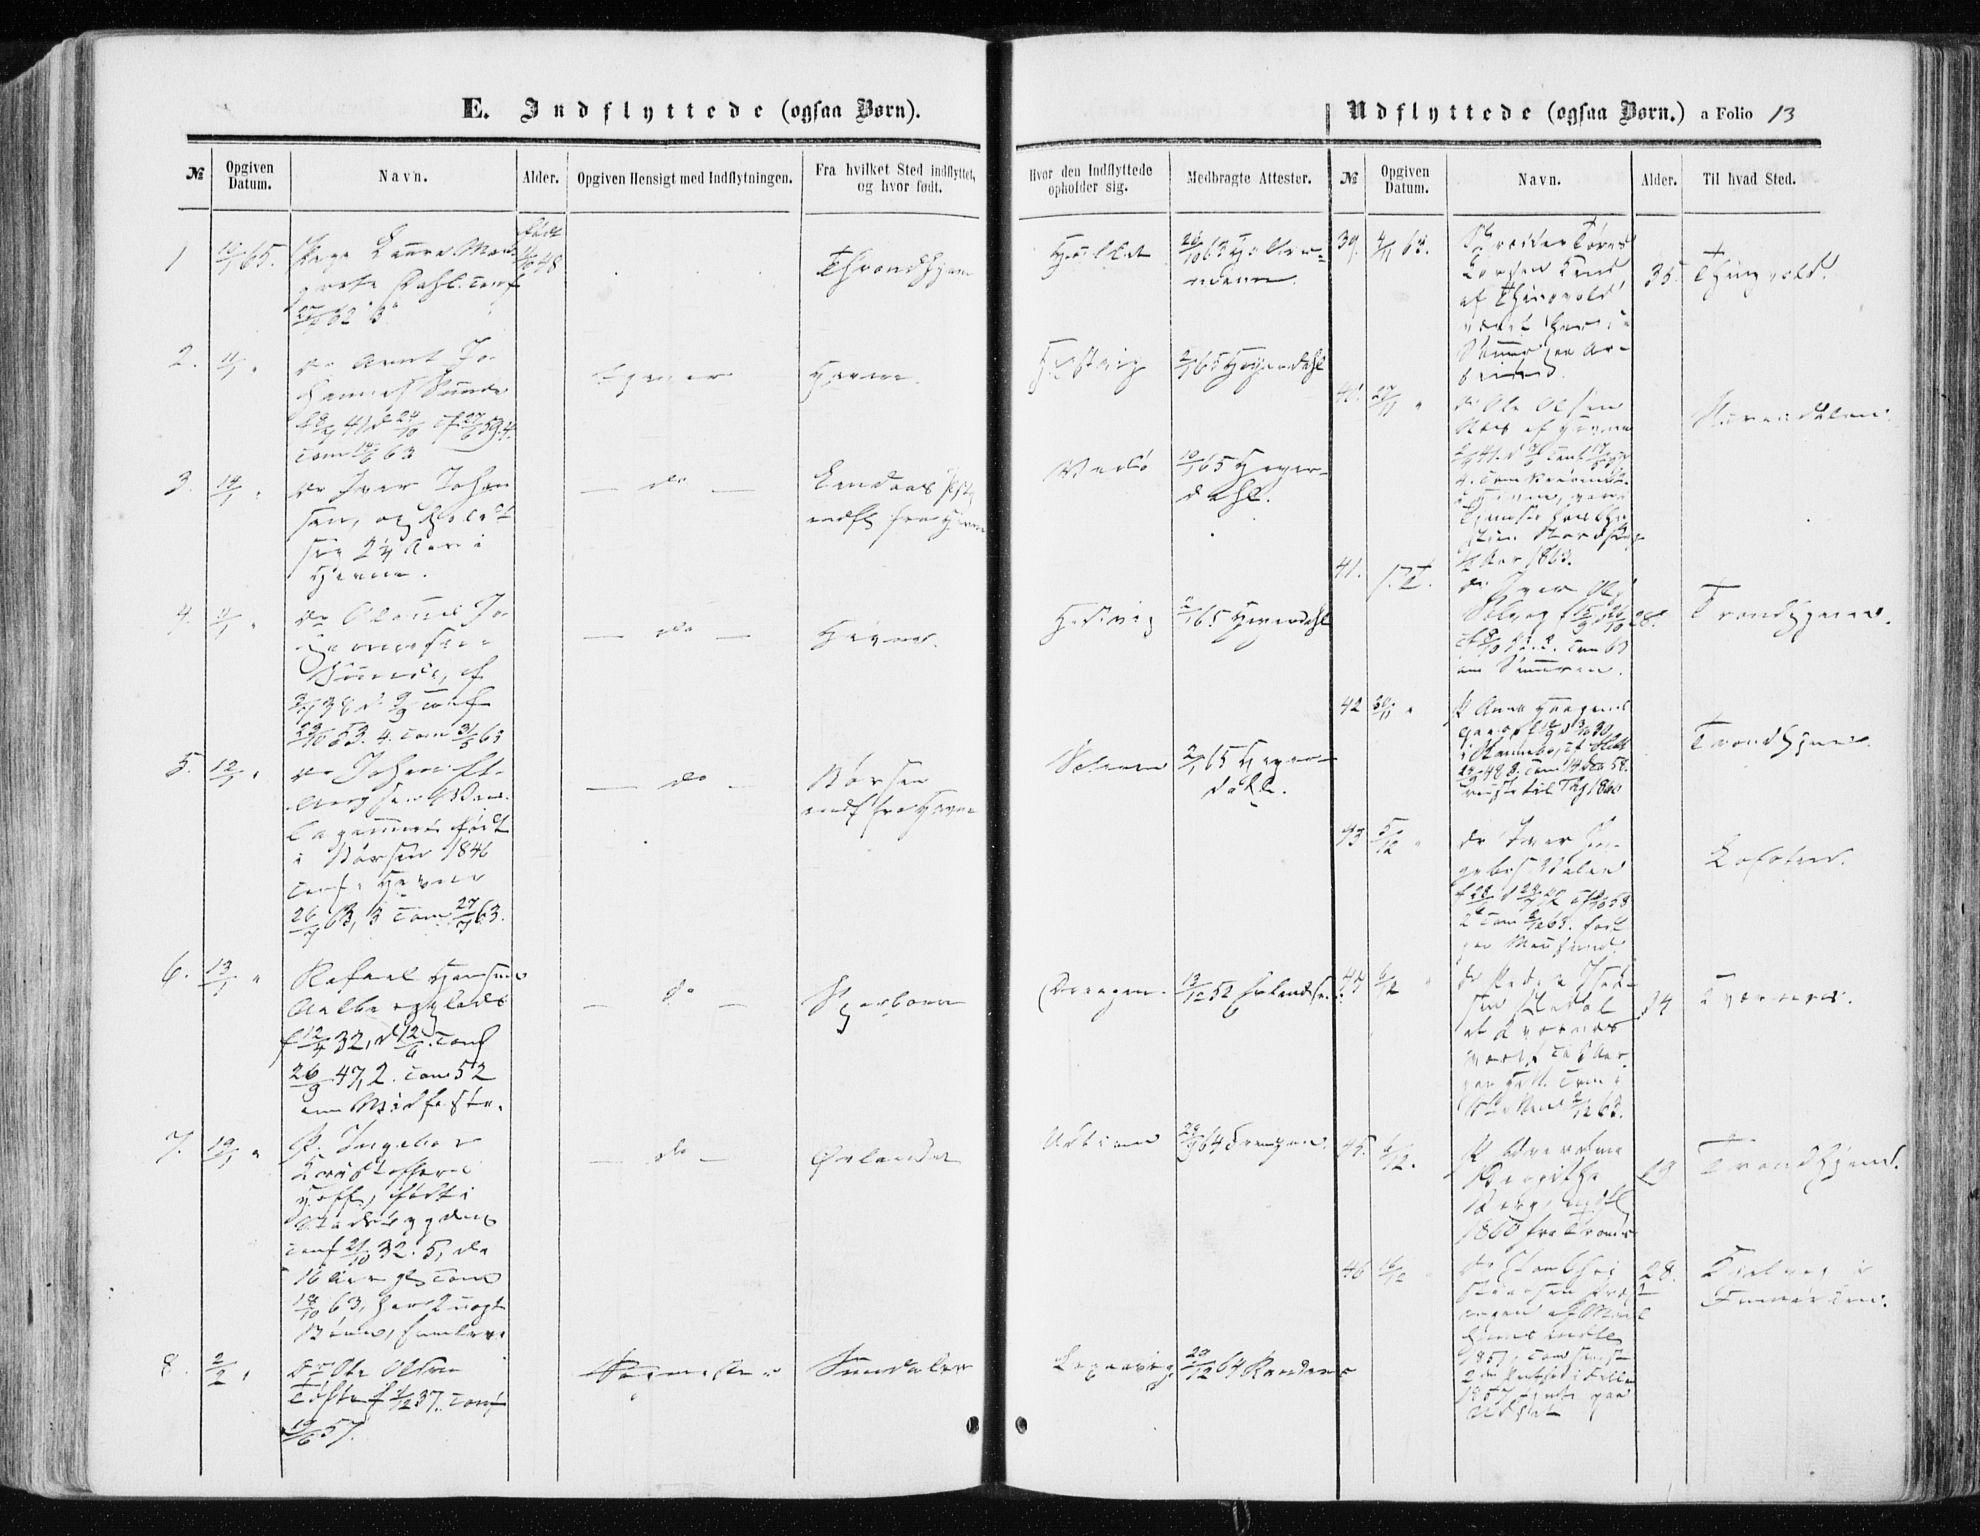 SAT, Ministerialprotokoller, klokkerbøker og fødselsregistre - Sør-Trøndelag, 634/L0531: Ministerialbok nr. 634A07, 1861-1870, s. 13